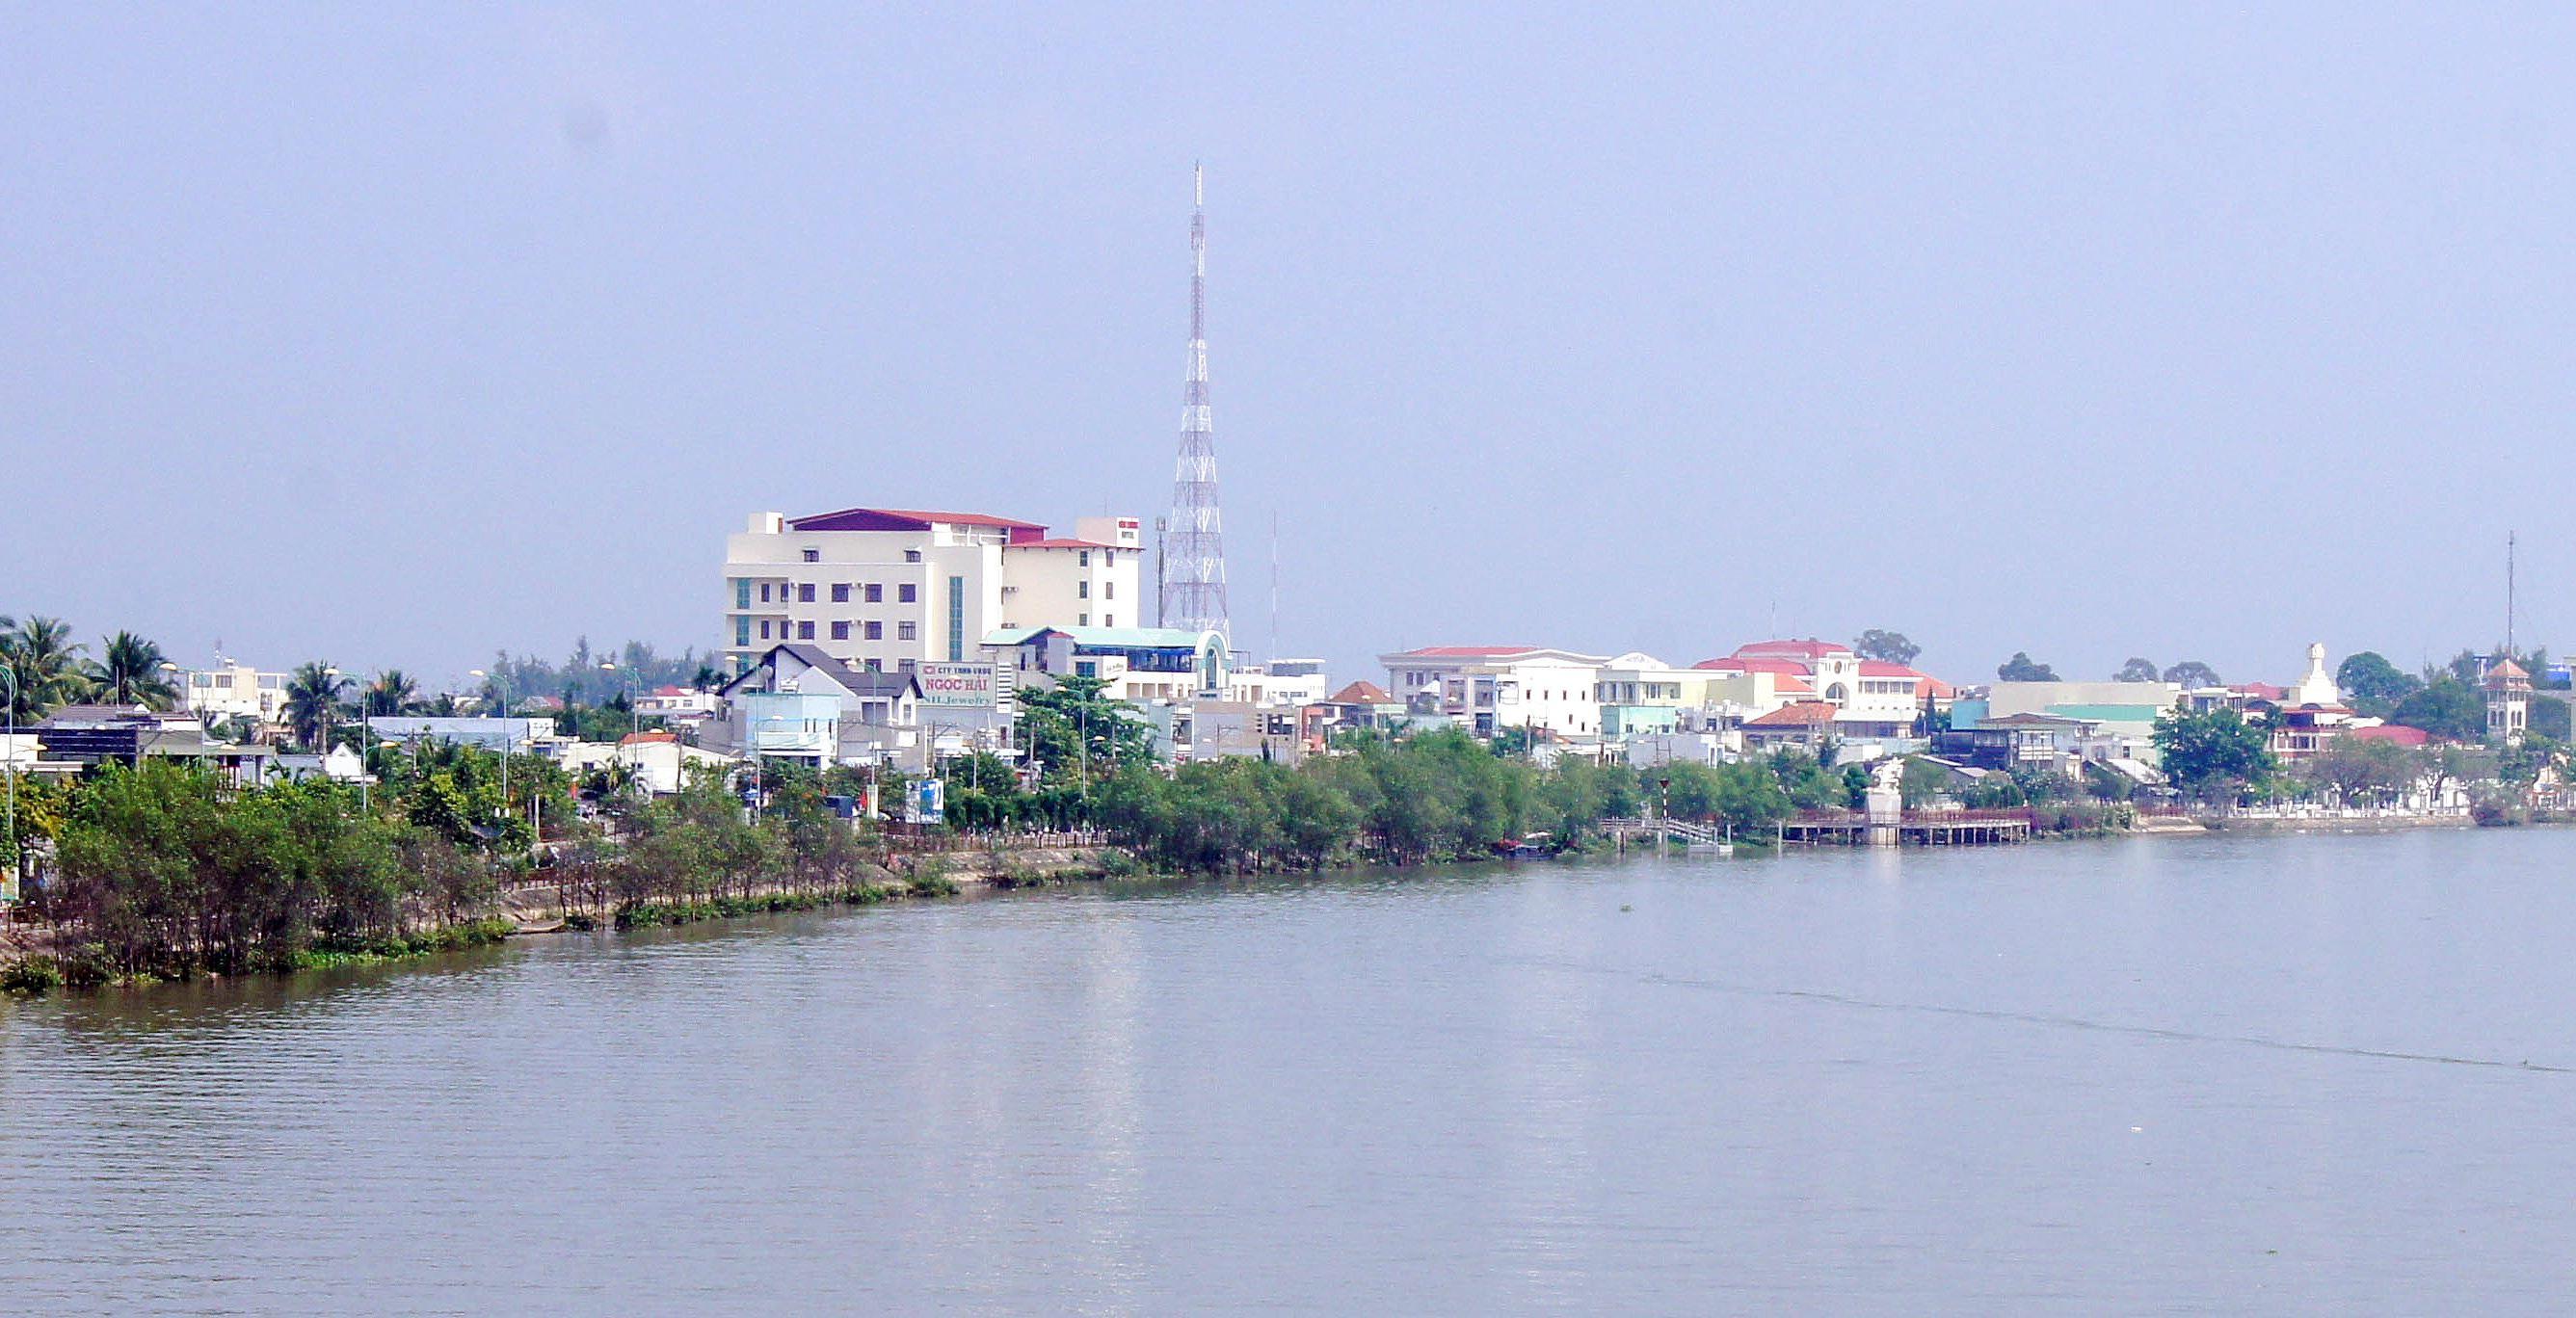 Kế hoạch thi tuyển Công chức tỉnh Bến Tre - năm 2018